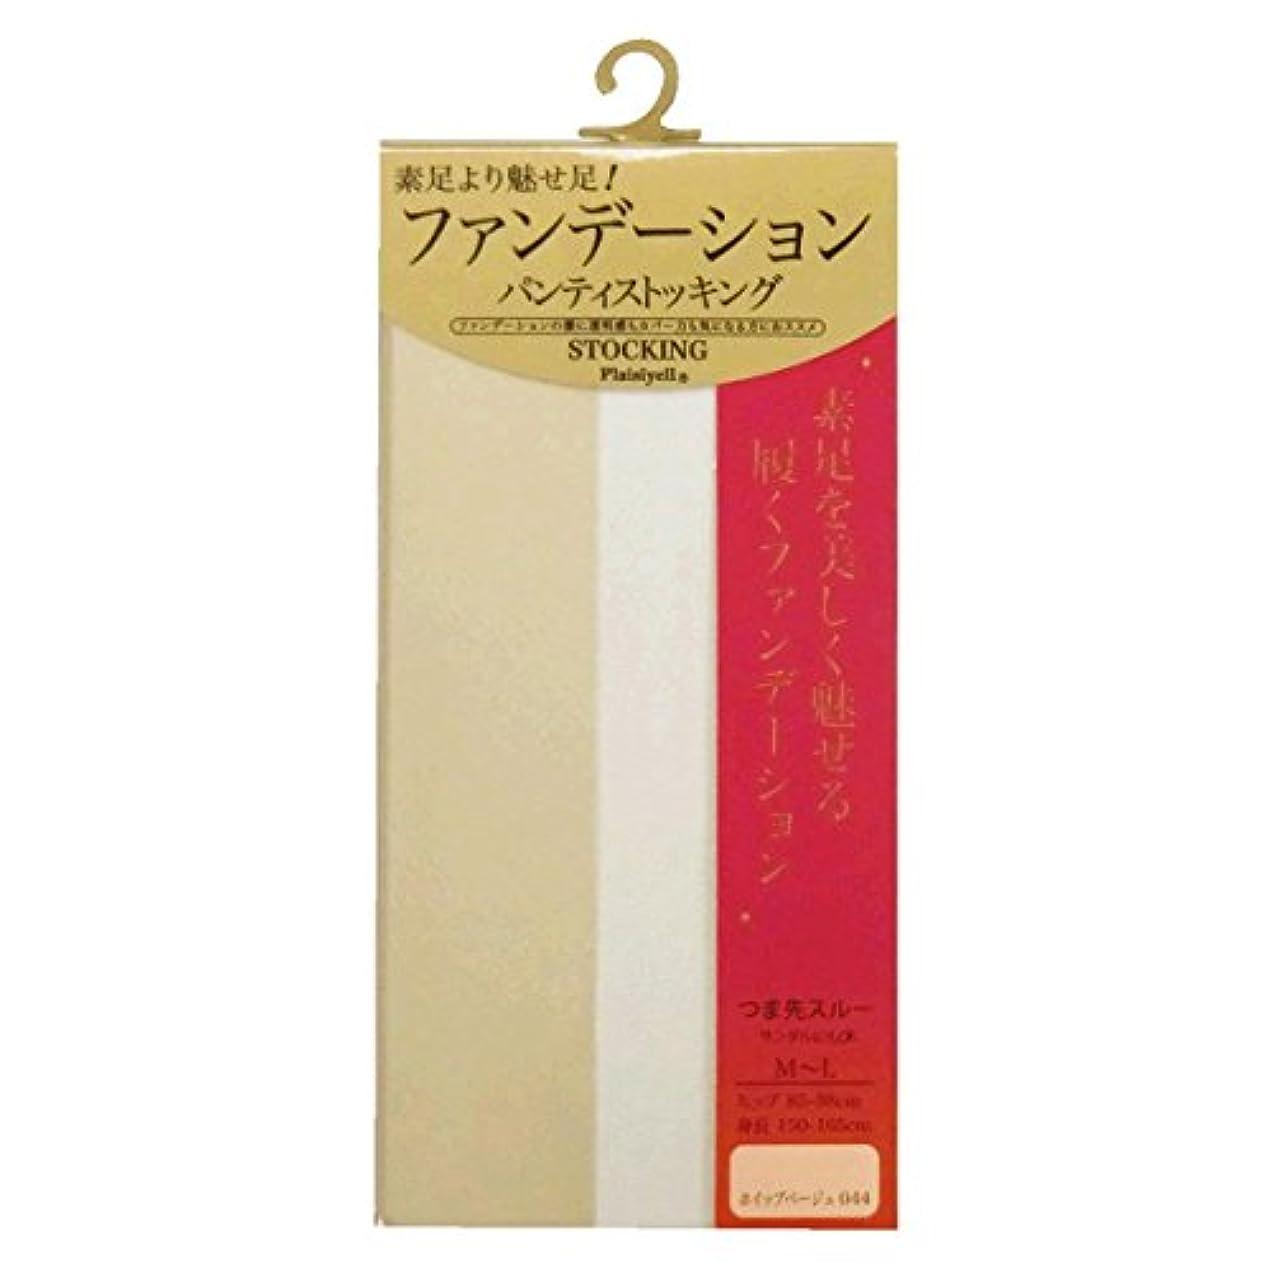 煙かろうじて美的プレジエール【魅せ足】ファンデーションパンスト ホイップベージュ L-LL